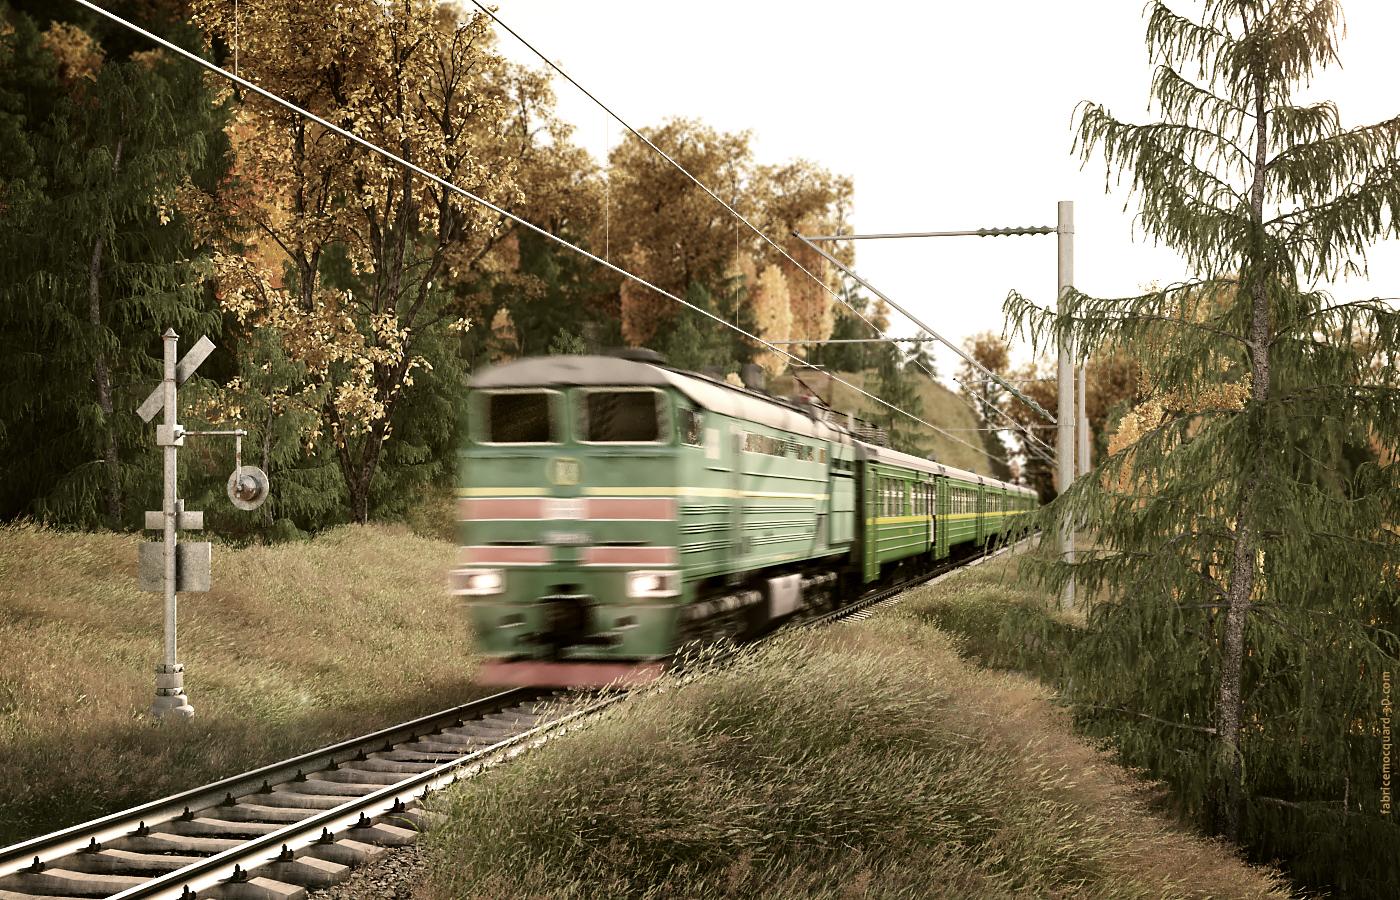 Train Vintage Picture